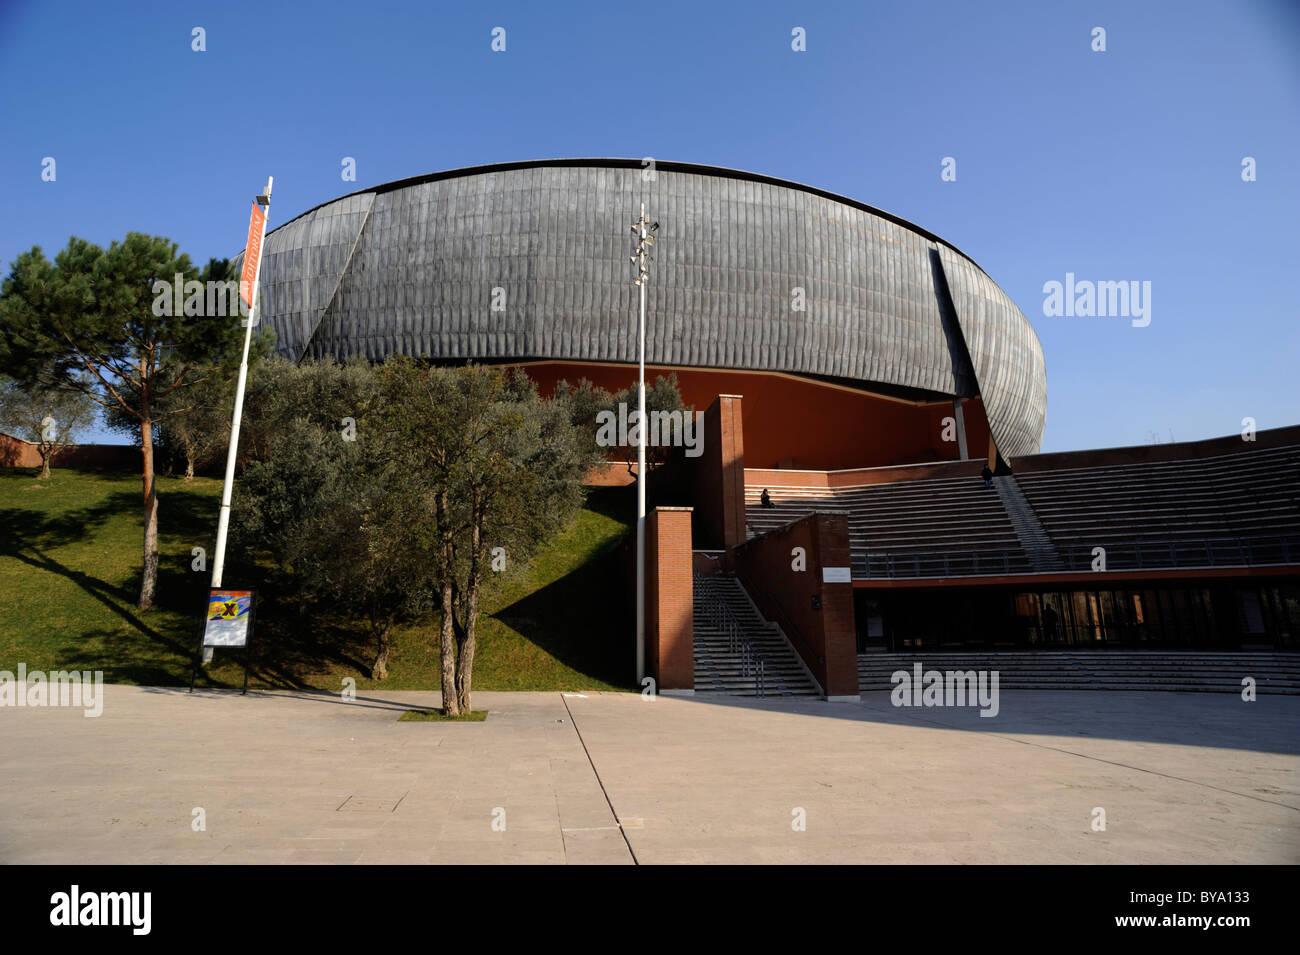 Italia, Roma, Auditorium parco della musica, l'architetto Renzo Piano Foto Stock